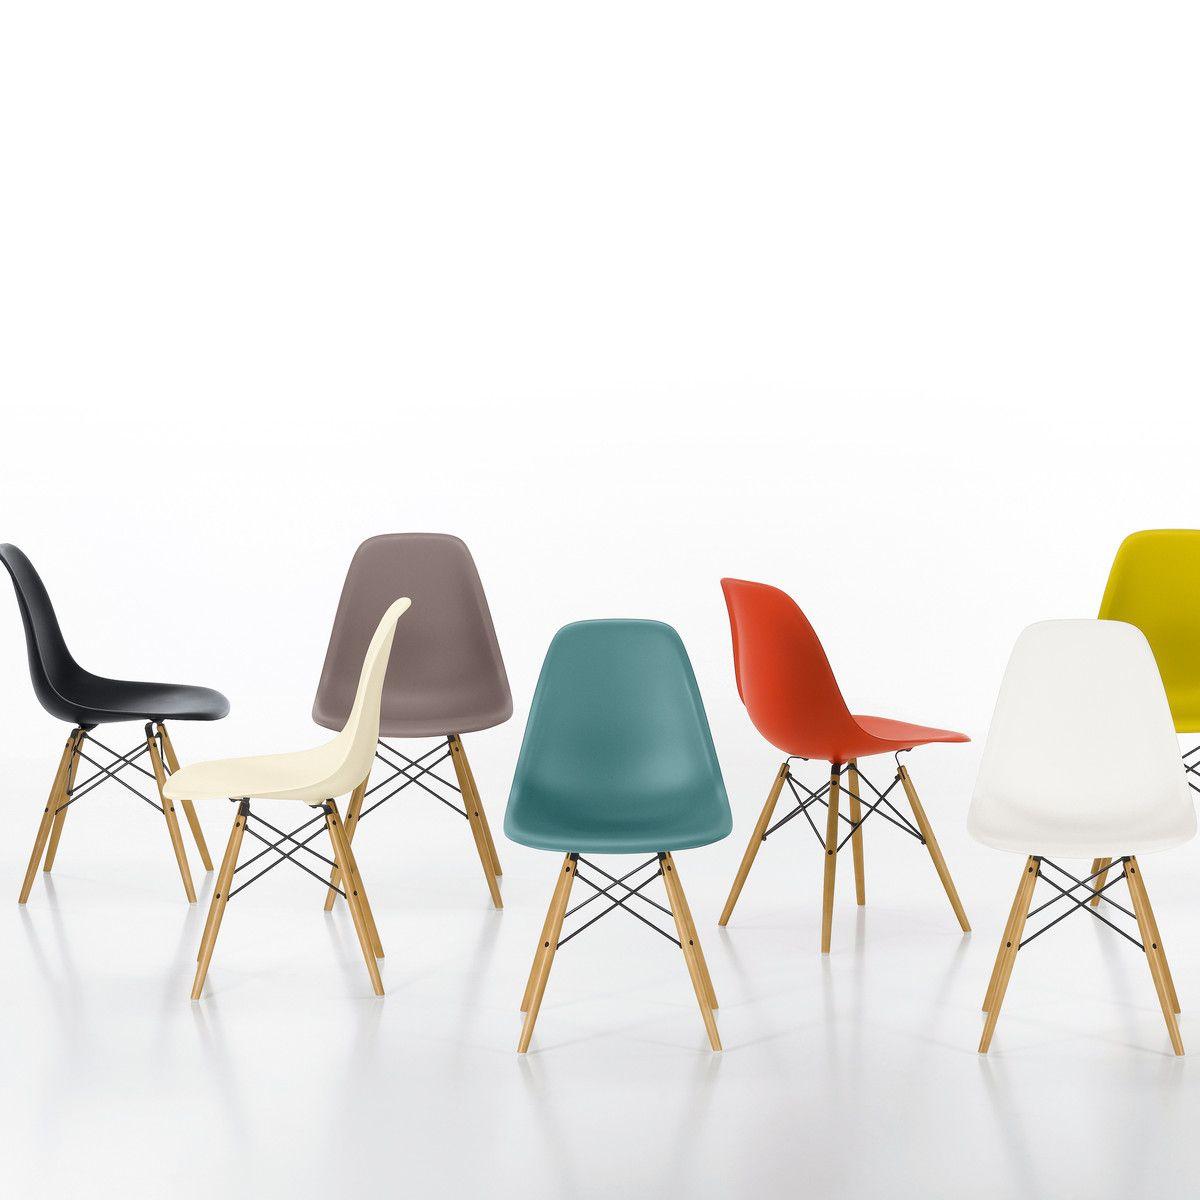 Eames Plastic Side Chair Dsw Connox Shop Eames Plastic Chair Eames Chair Eames Dsw Chair